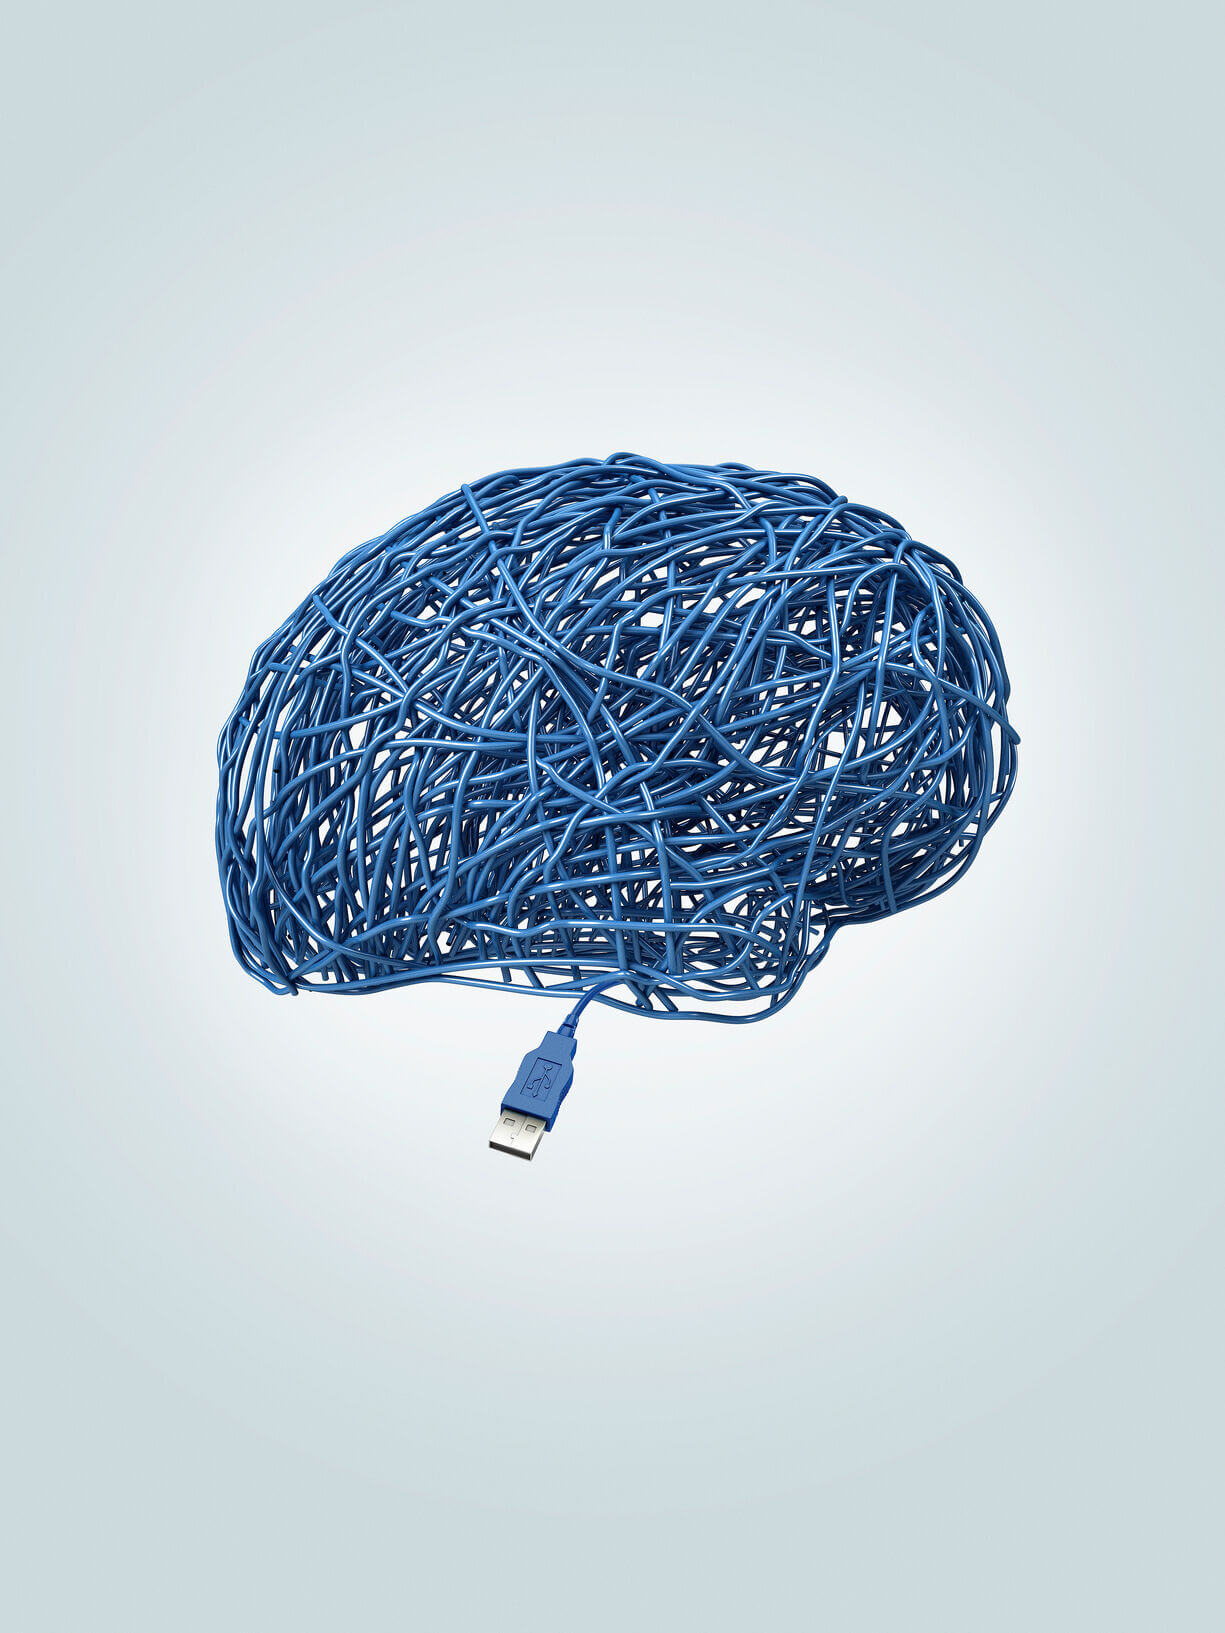 Kunstwerk van blauwe draden in de vorm van hersenen